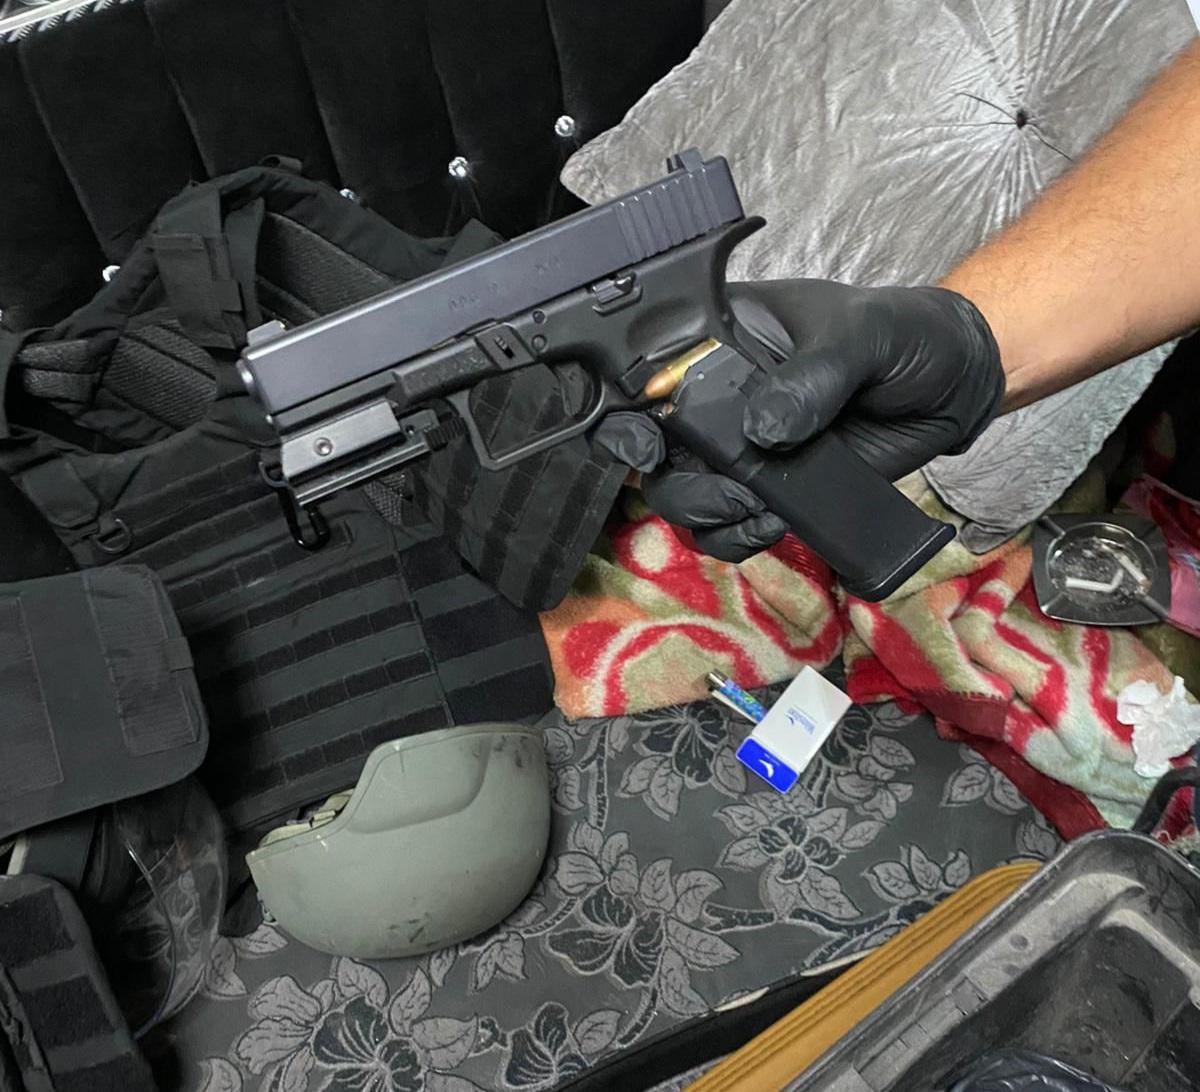 הנשק שנתפס (צילום: דוברות המשטרה)